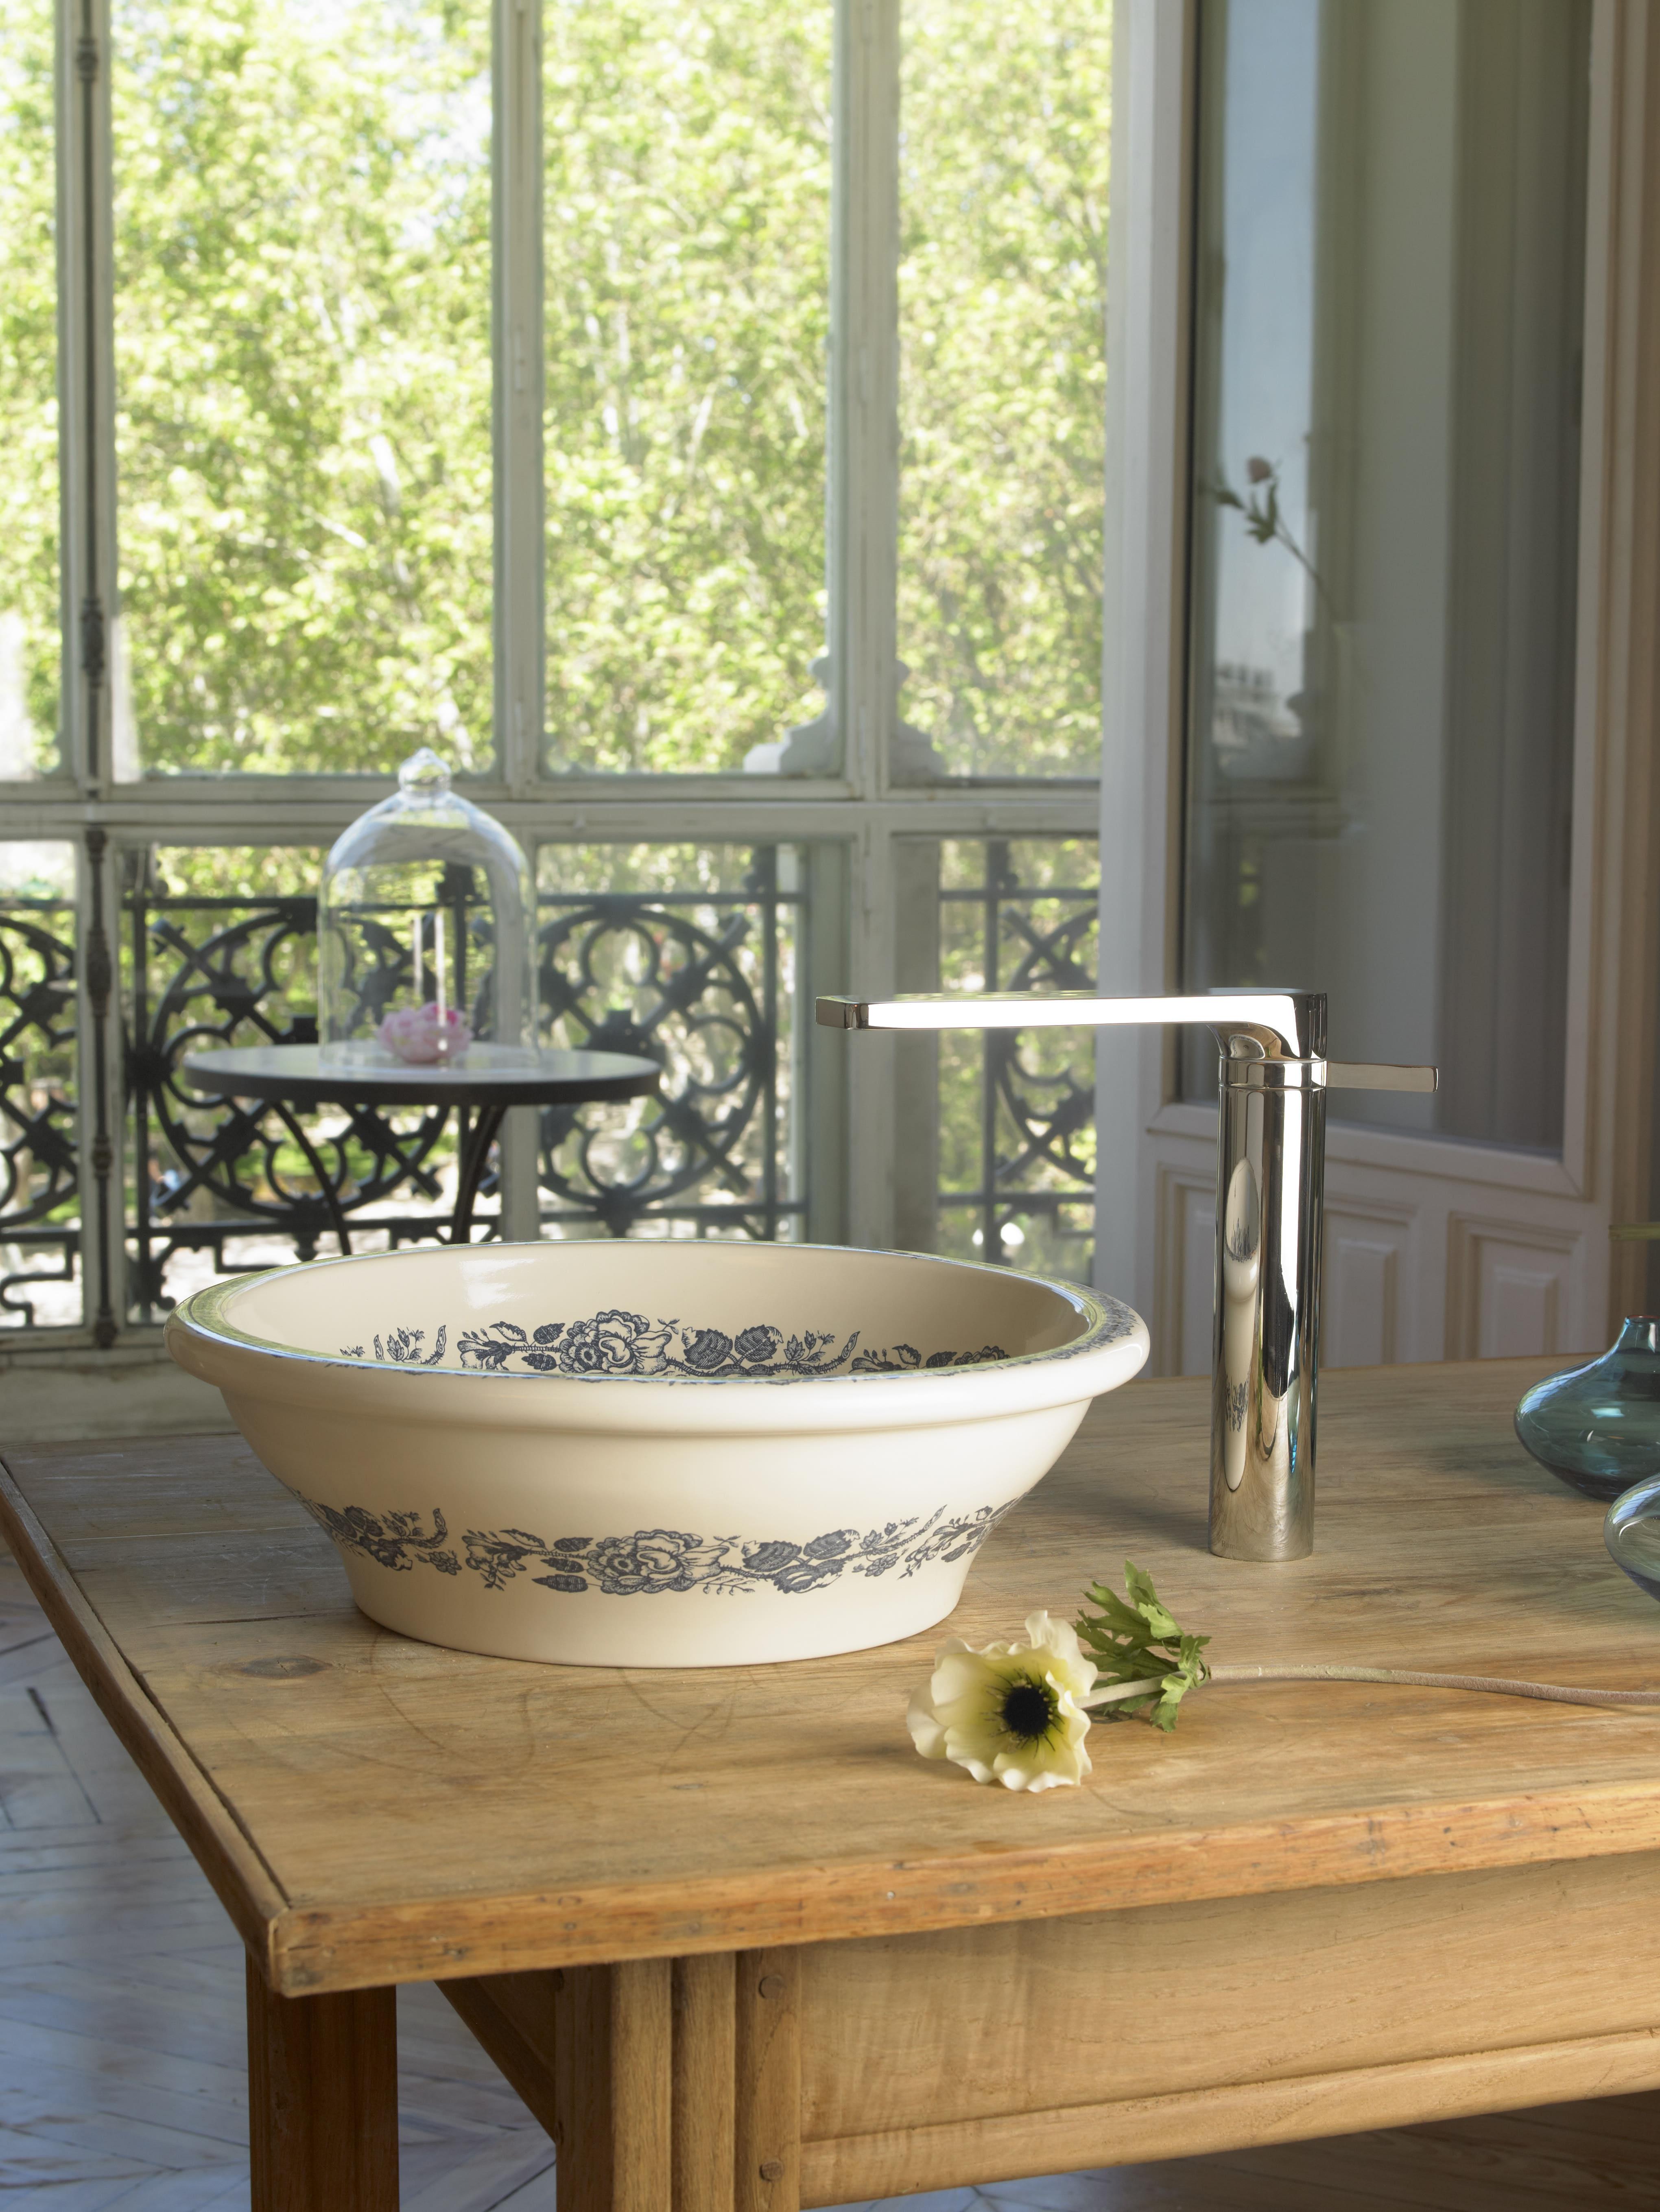 Decoracion Baño Retro:Decoración Vintage: Detalles para el baño – baños 10